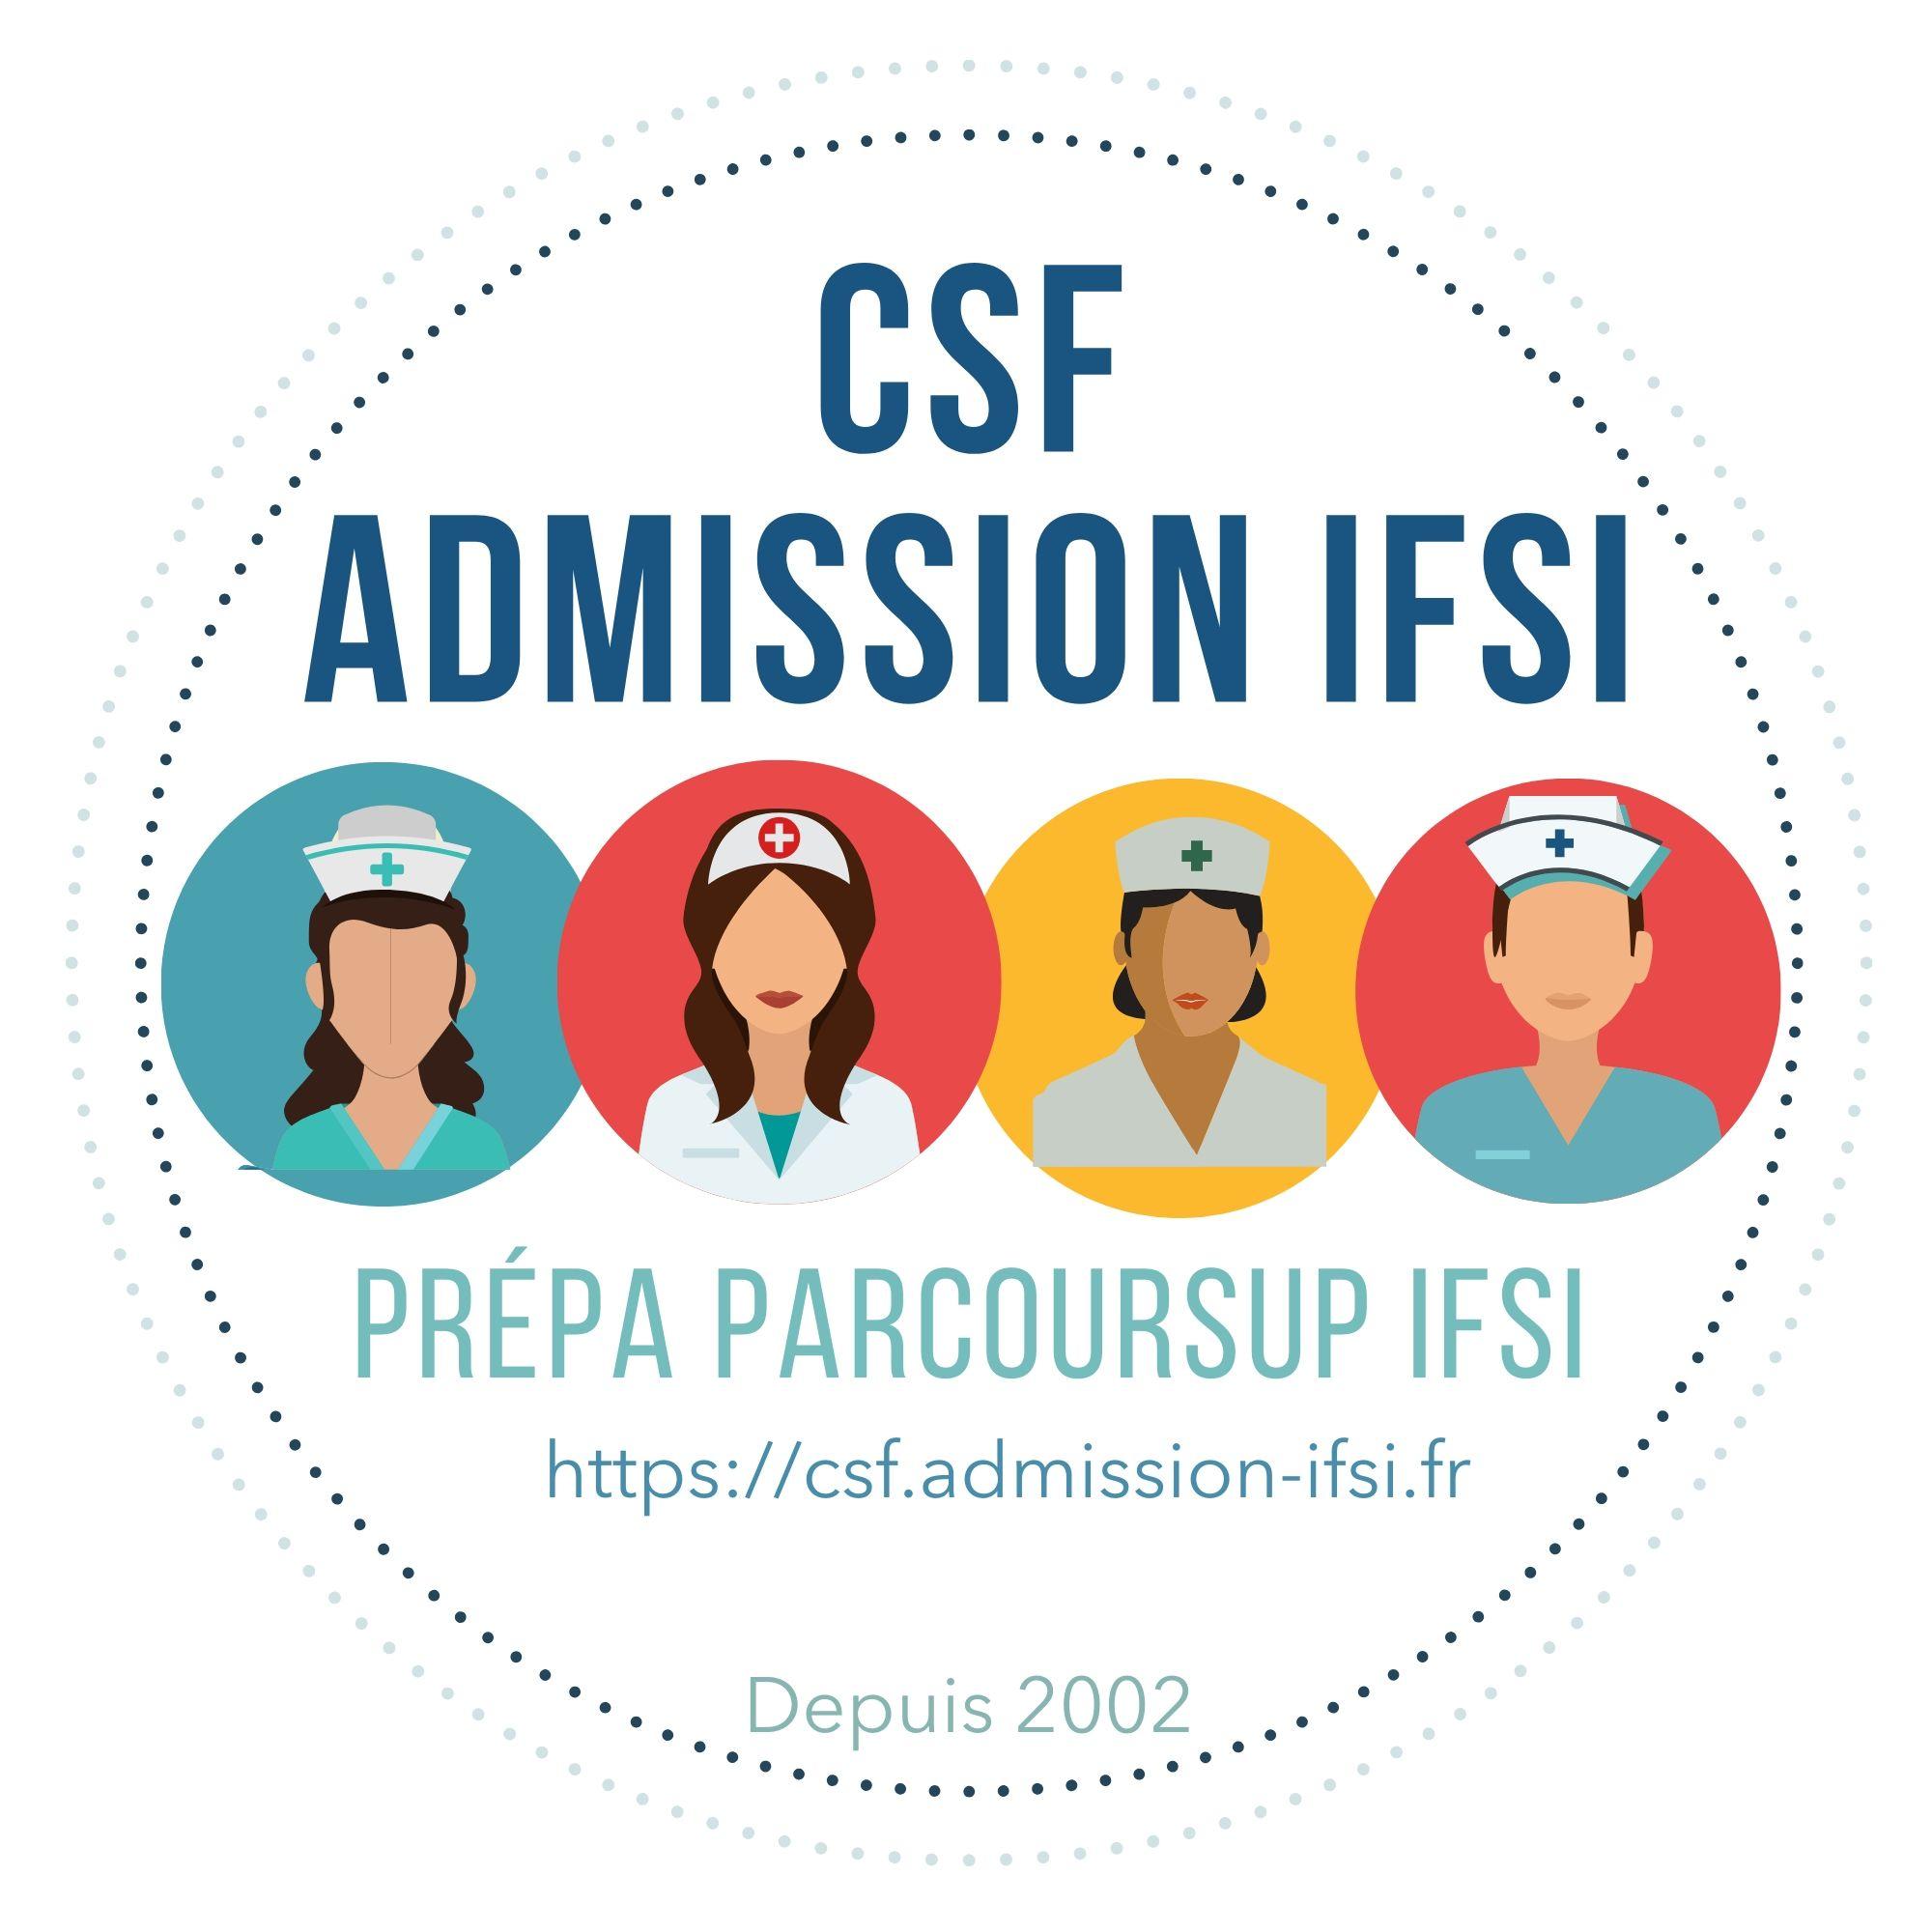 En savoir plus au sujet des Prépas CSF à Parcoursup IFSI